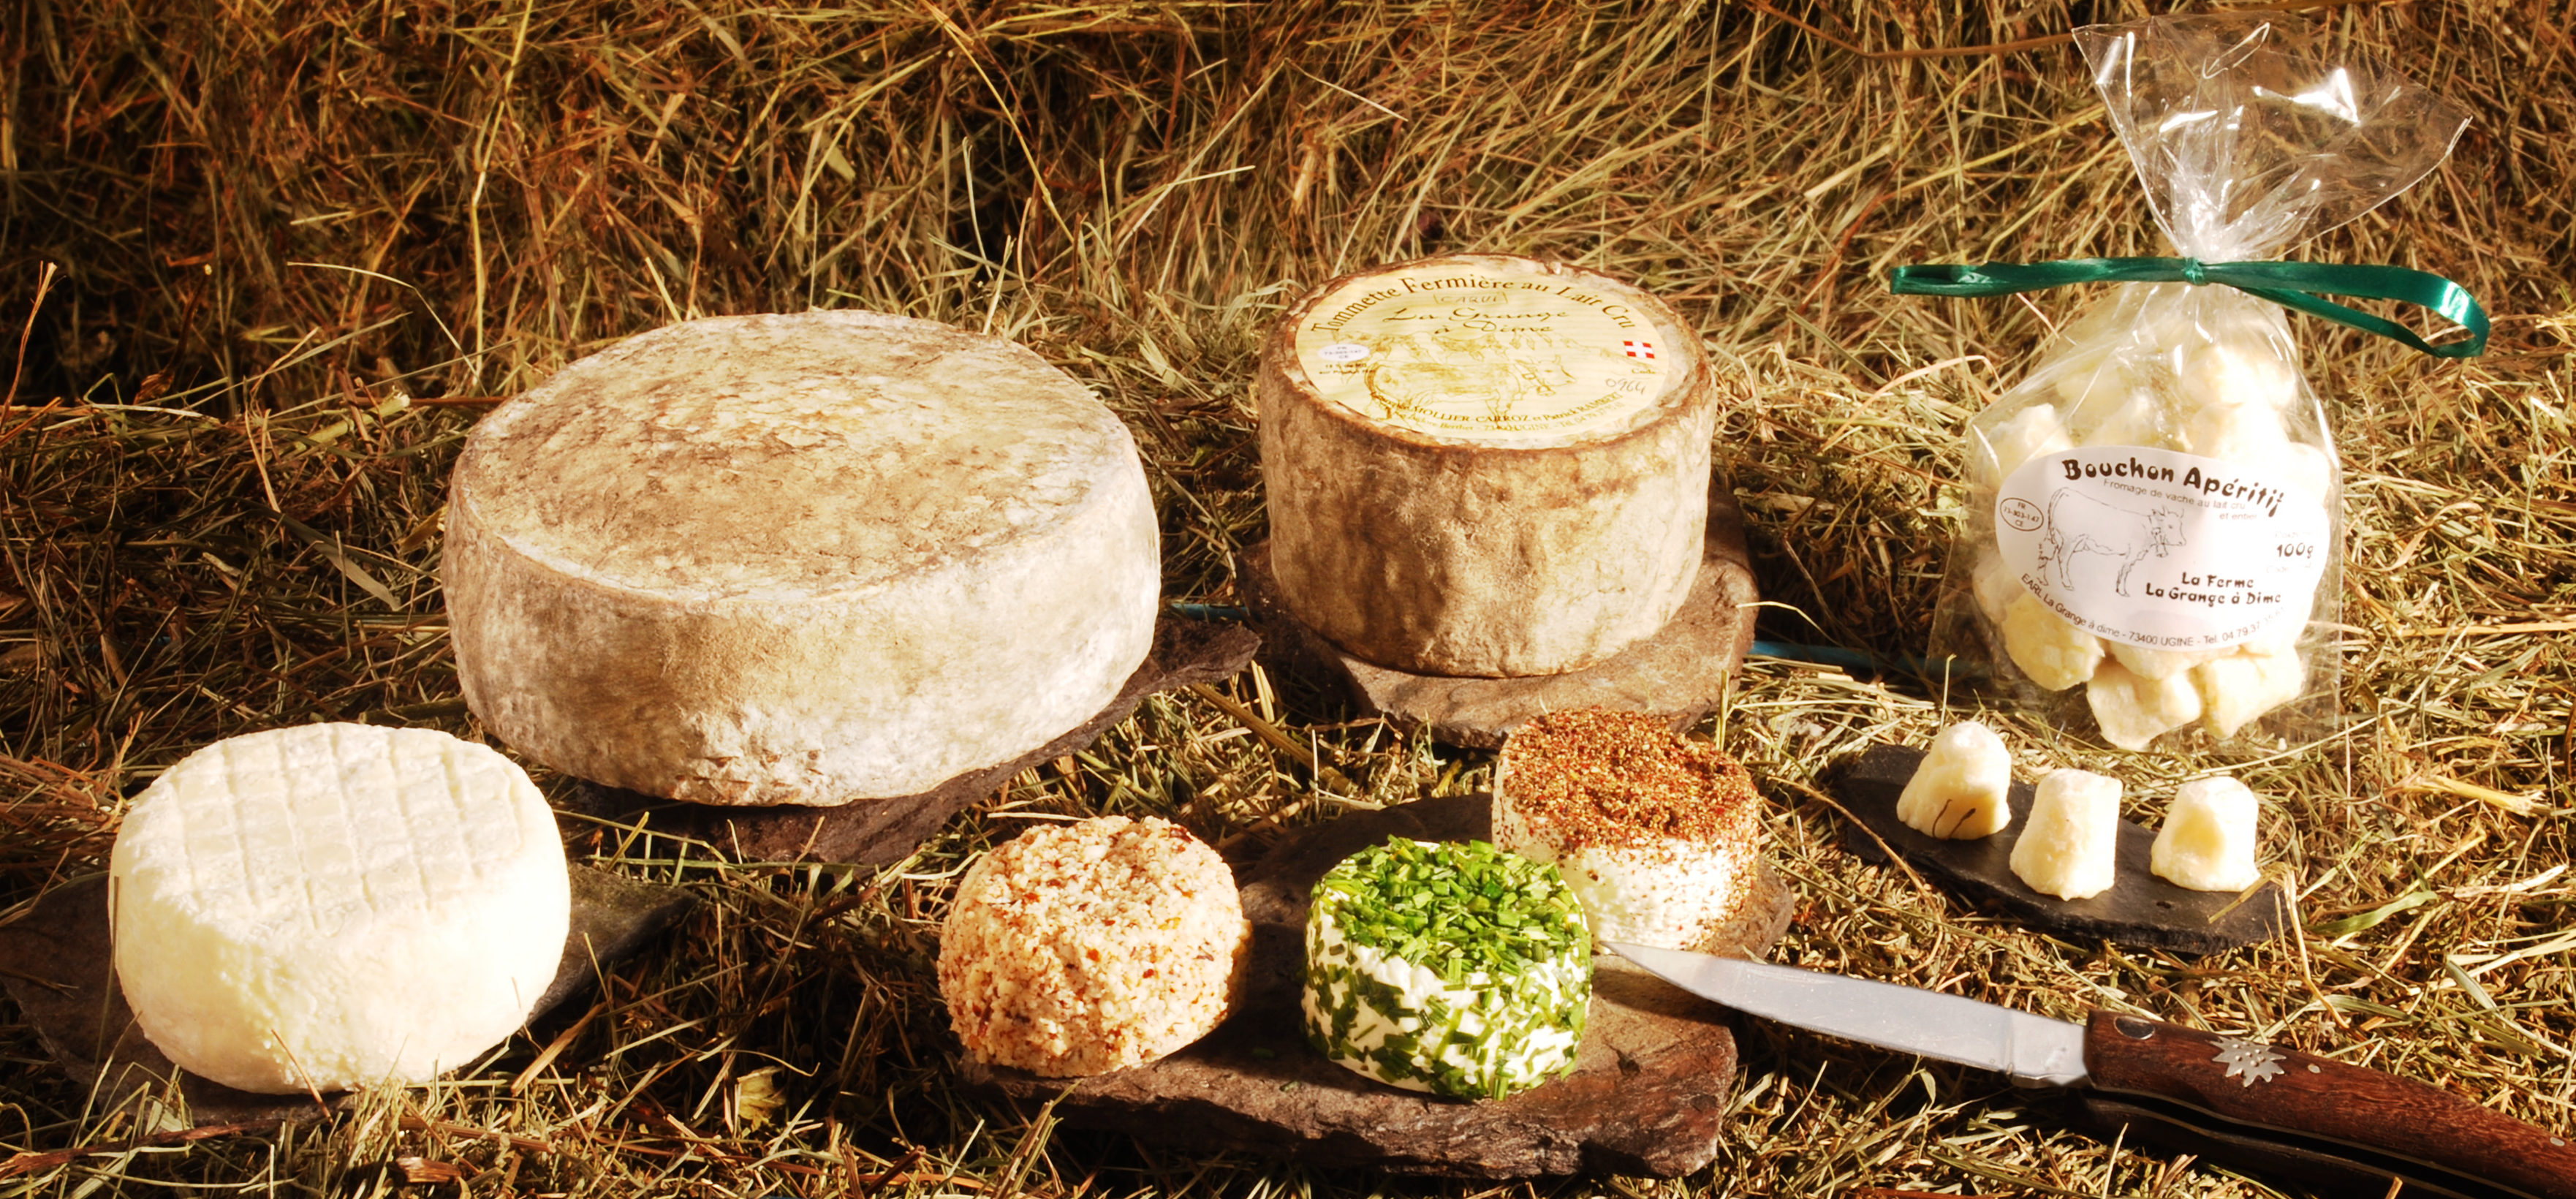 fromages de vache-magasin de producteur-gilly sur isère-albertville- terroir-vente directe